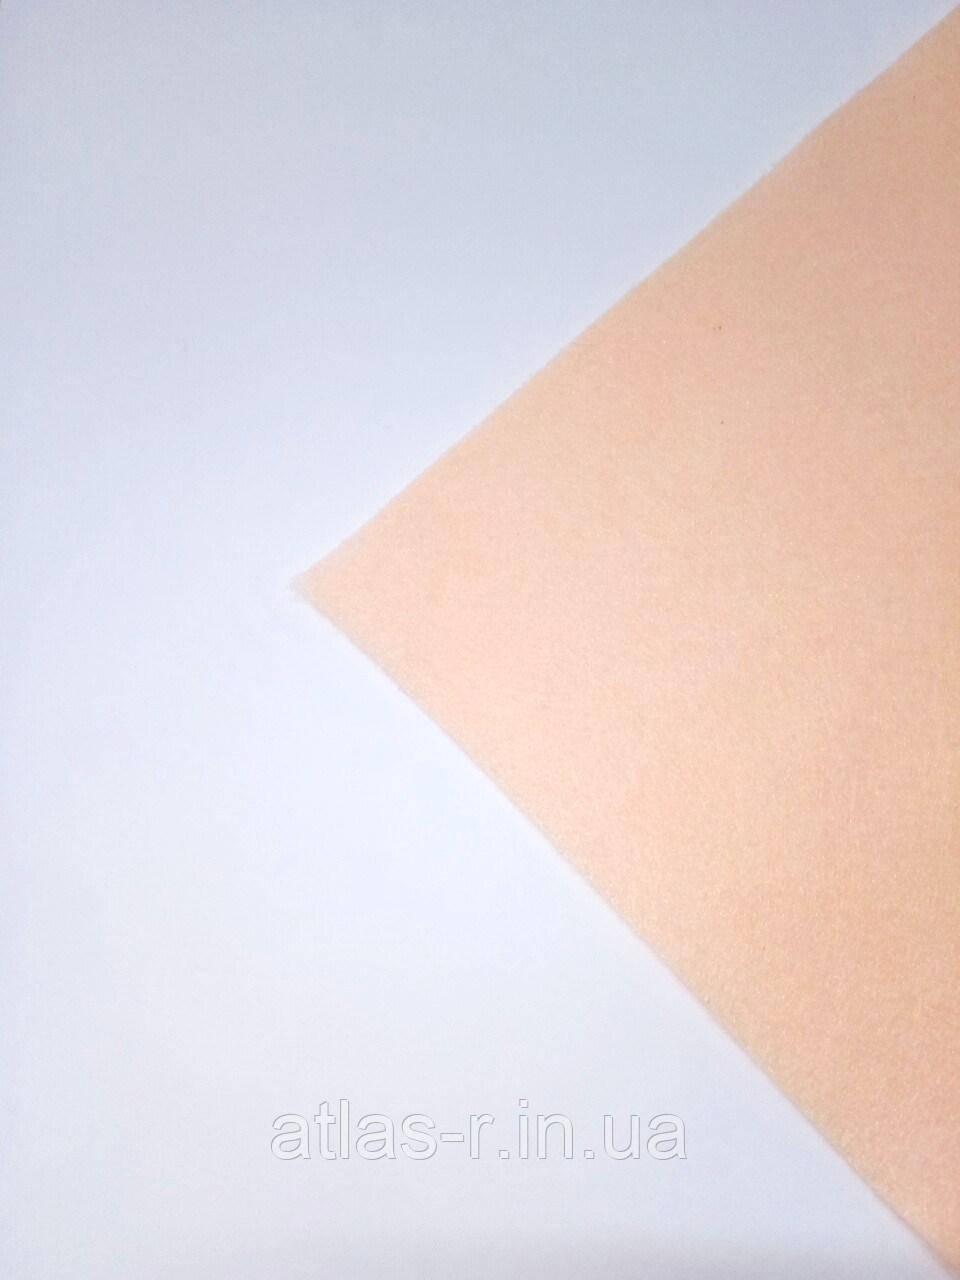 Мягкий фетр для рукоделия персиковый листовой 1,3 мм